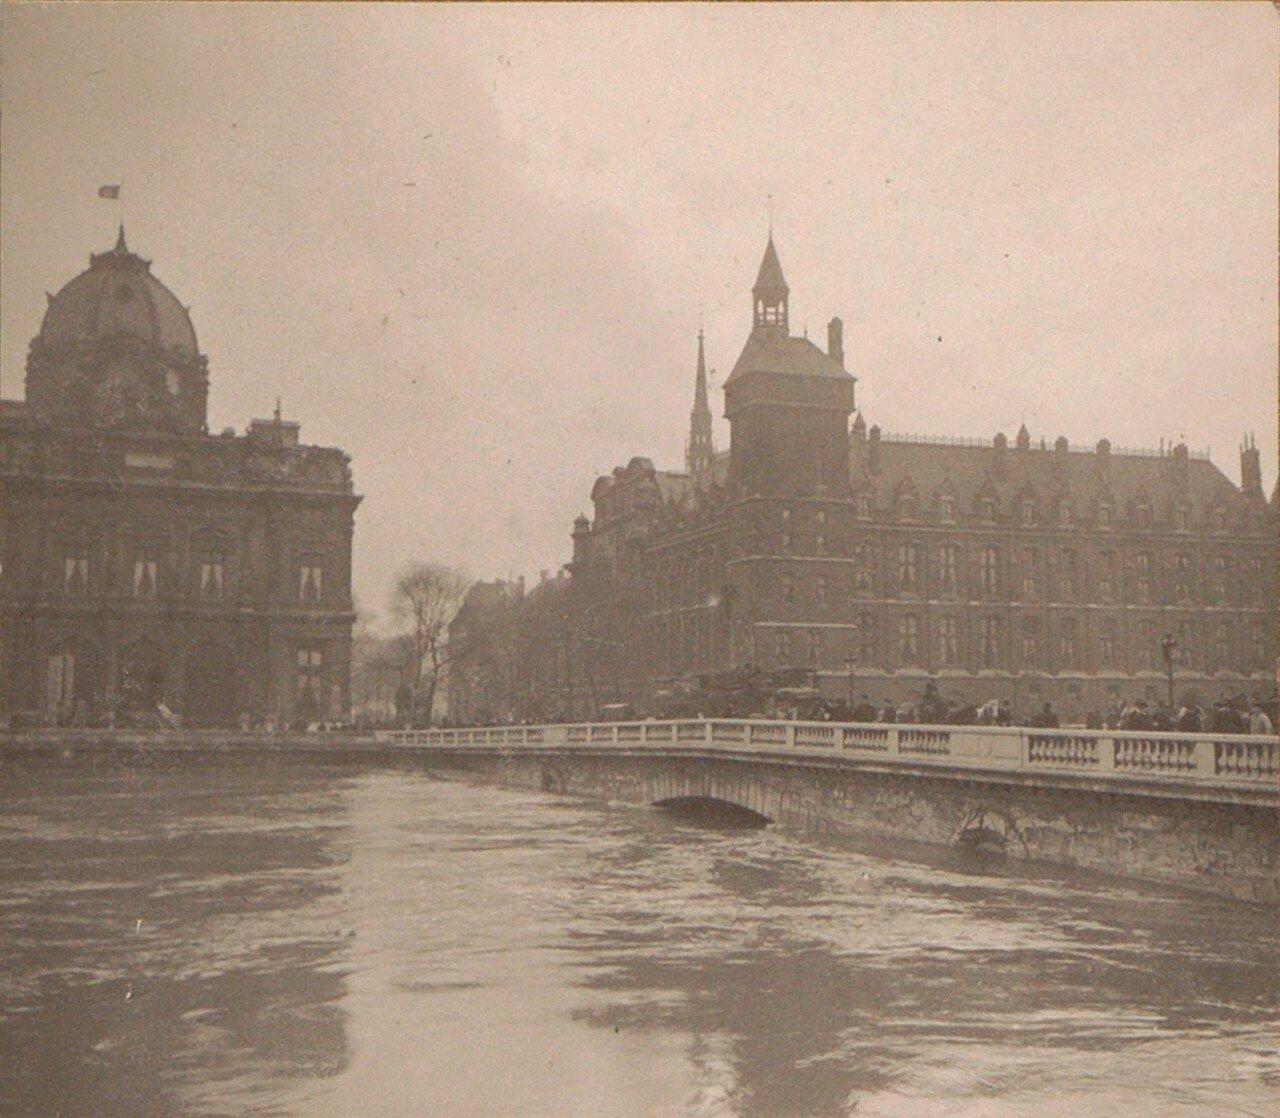 1910. Очень высокий уровень воды в реке Сене